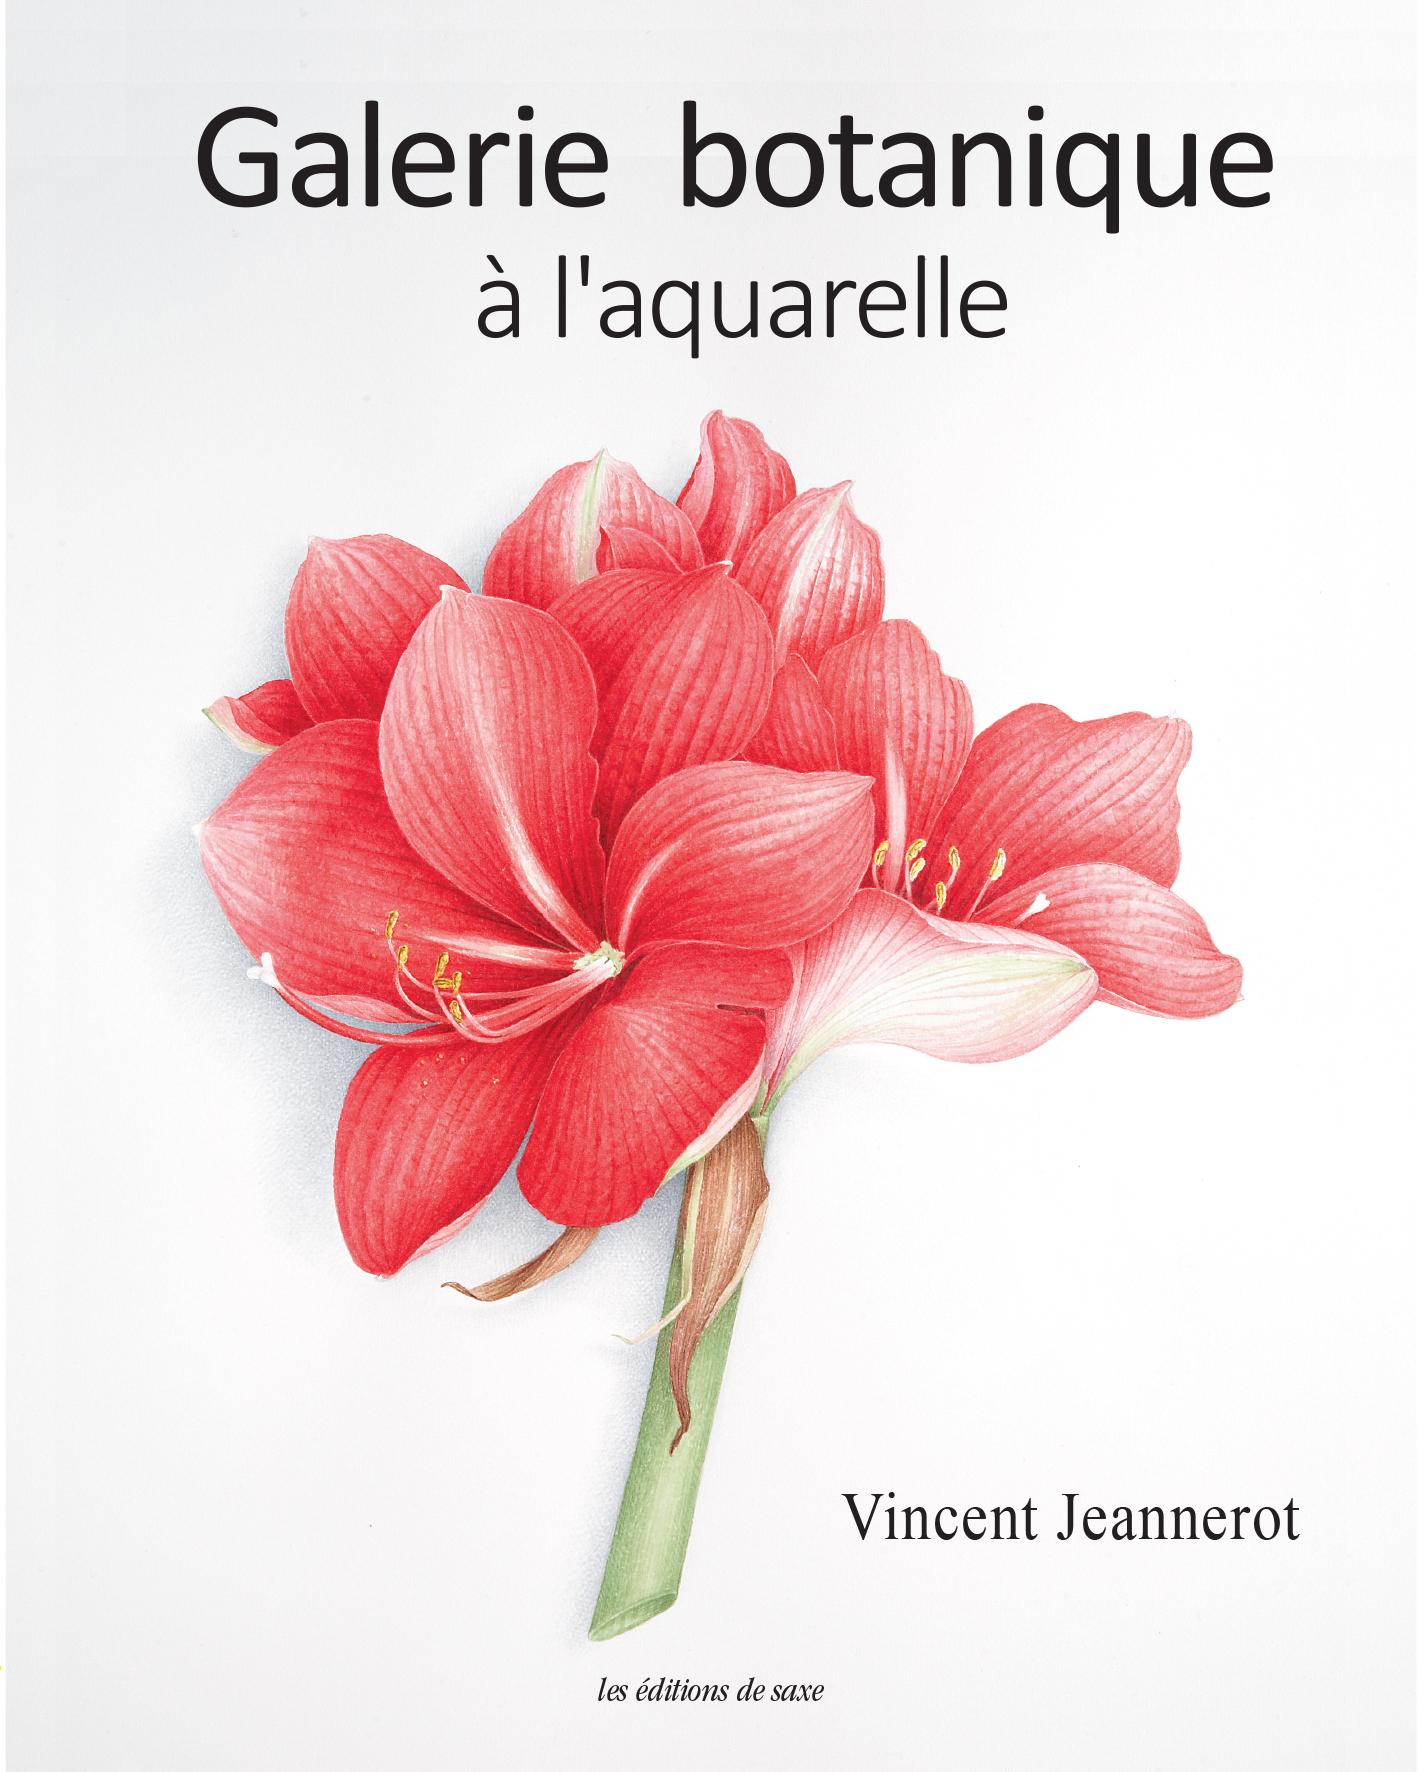 GALERIE BOTANIQUE A L'AQUARELLE